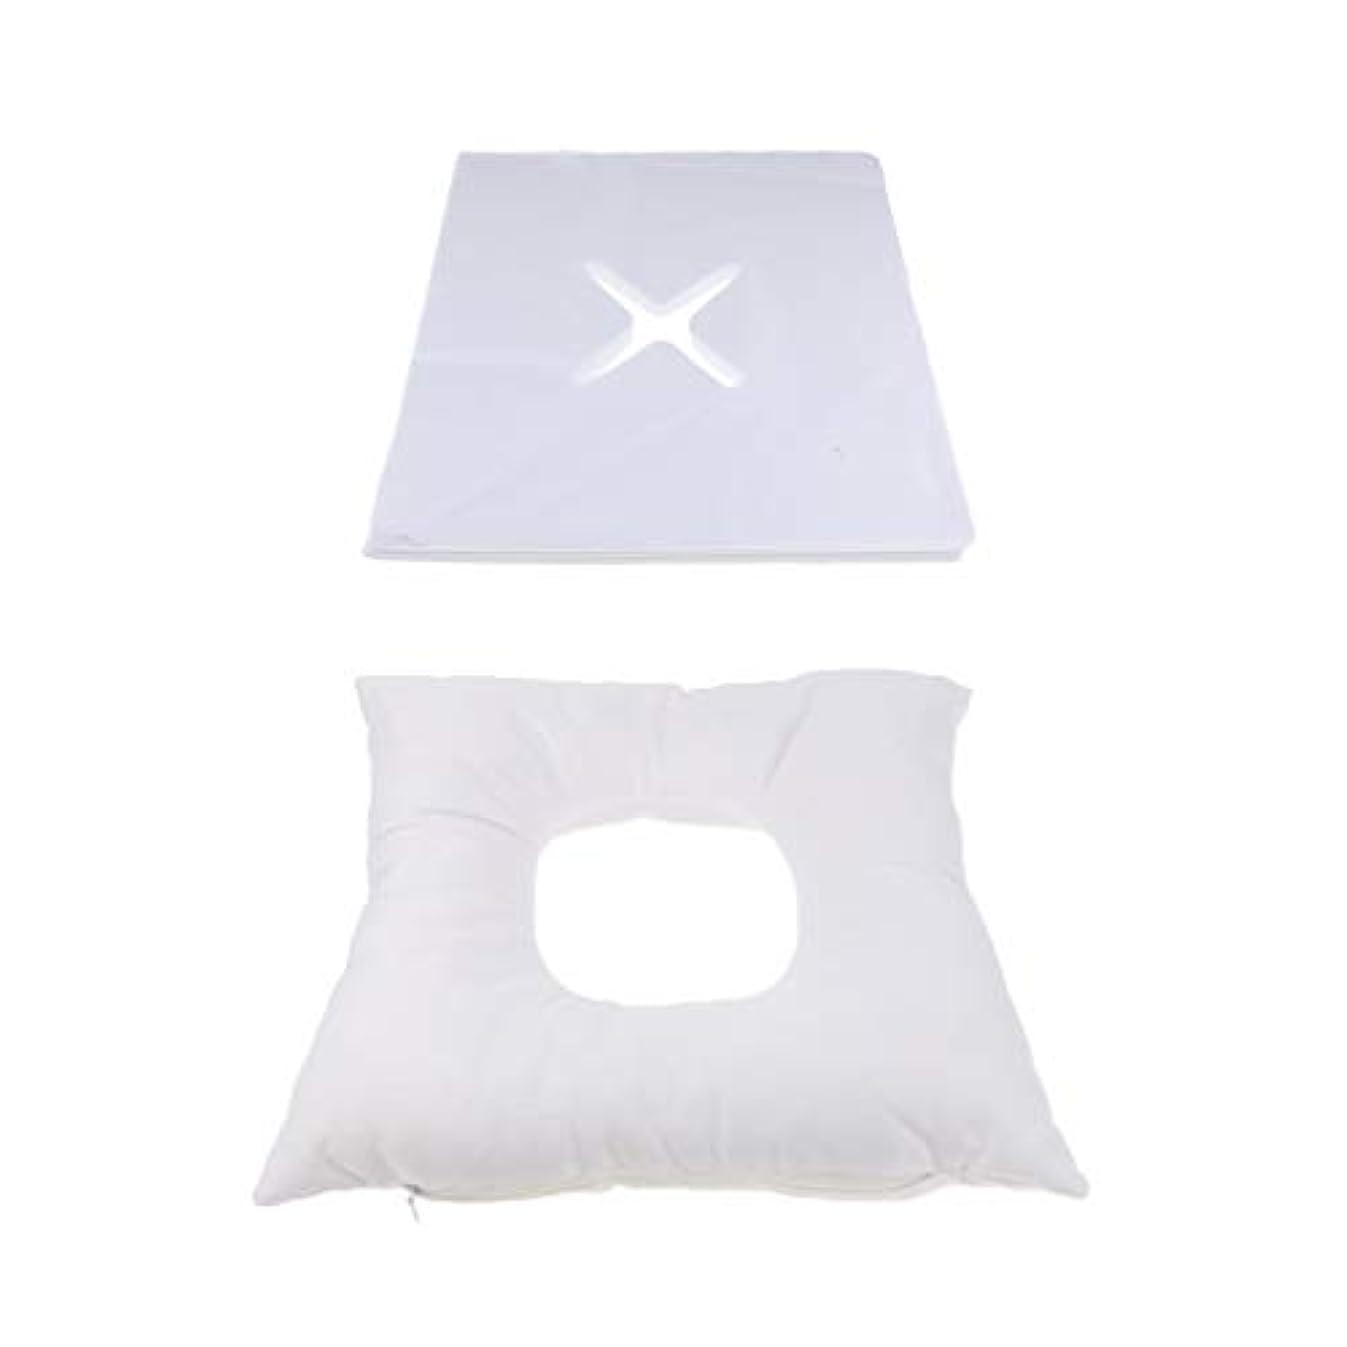 施しでる大胆不敵dailymall 200使い捨てカバーセットキットとスパマッサージベッド顔クレードルクッション枕